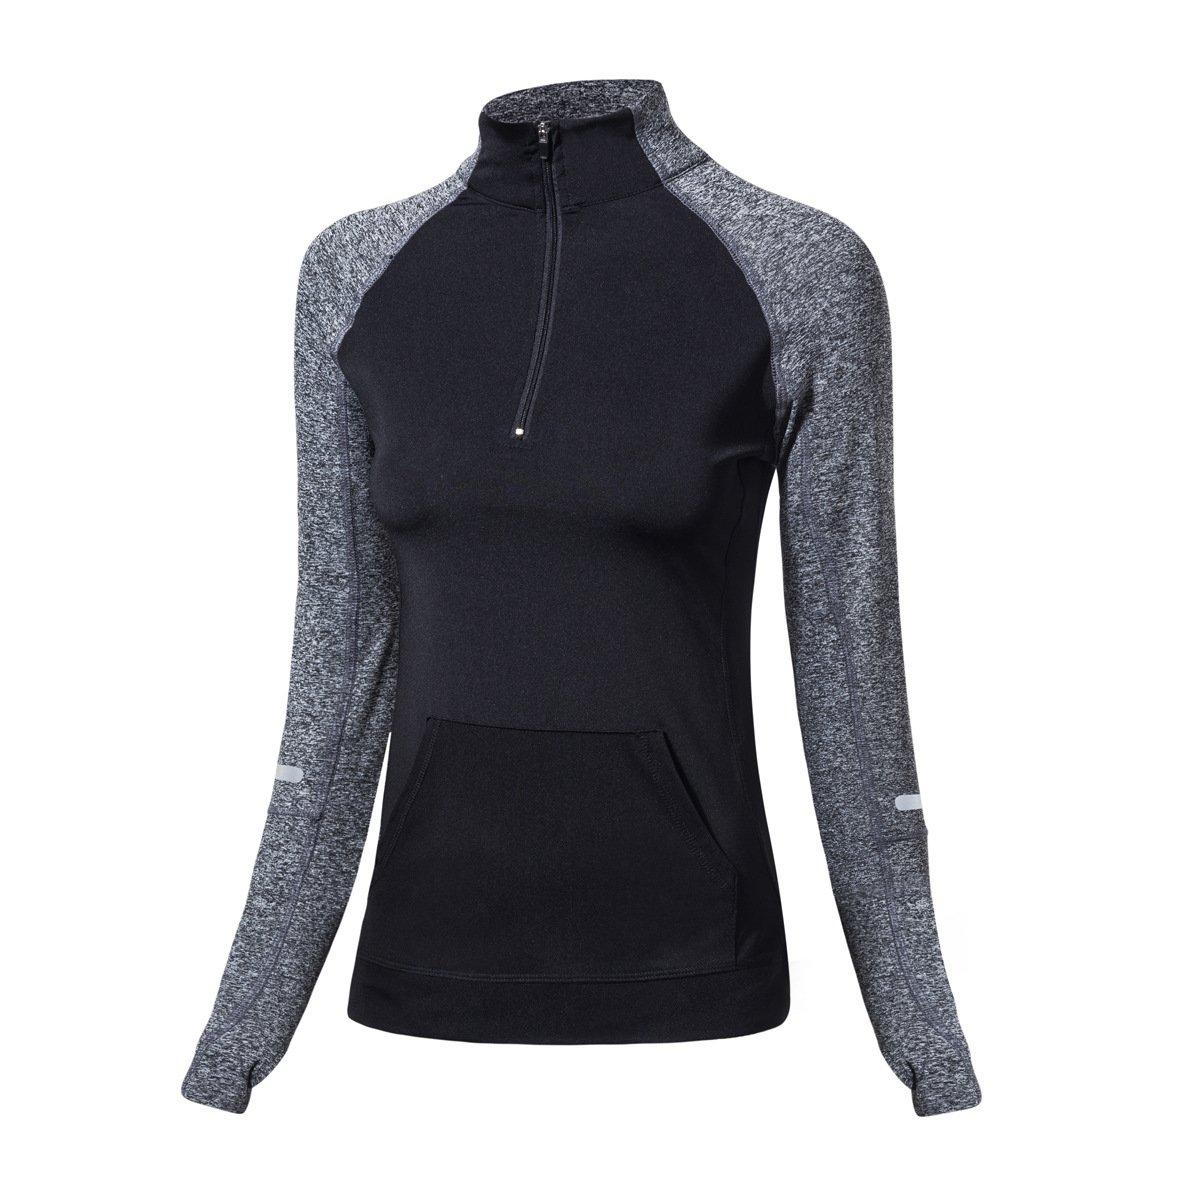 EZ-Joyce Women's Long Sleeve Yoga Sweatshirt Half Zip Jacket with Thumb Holes